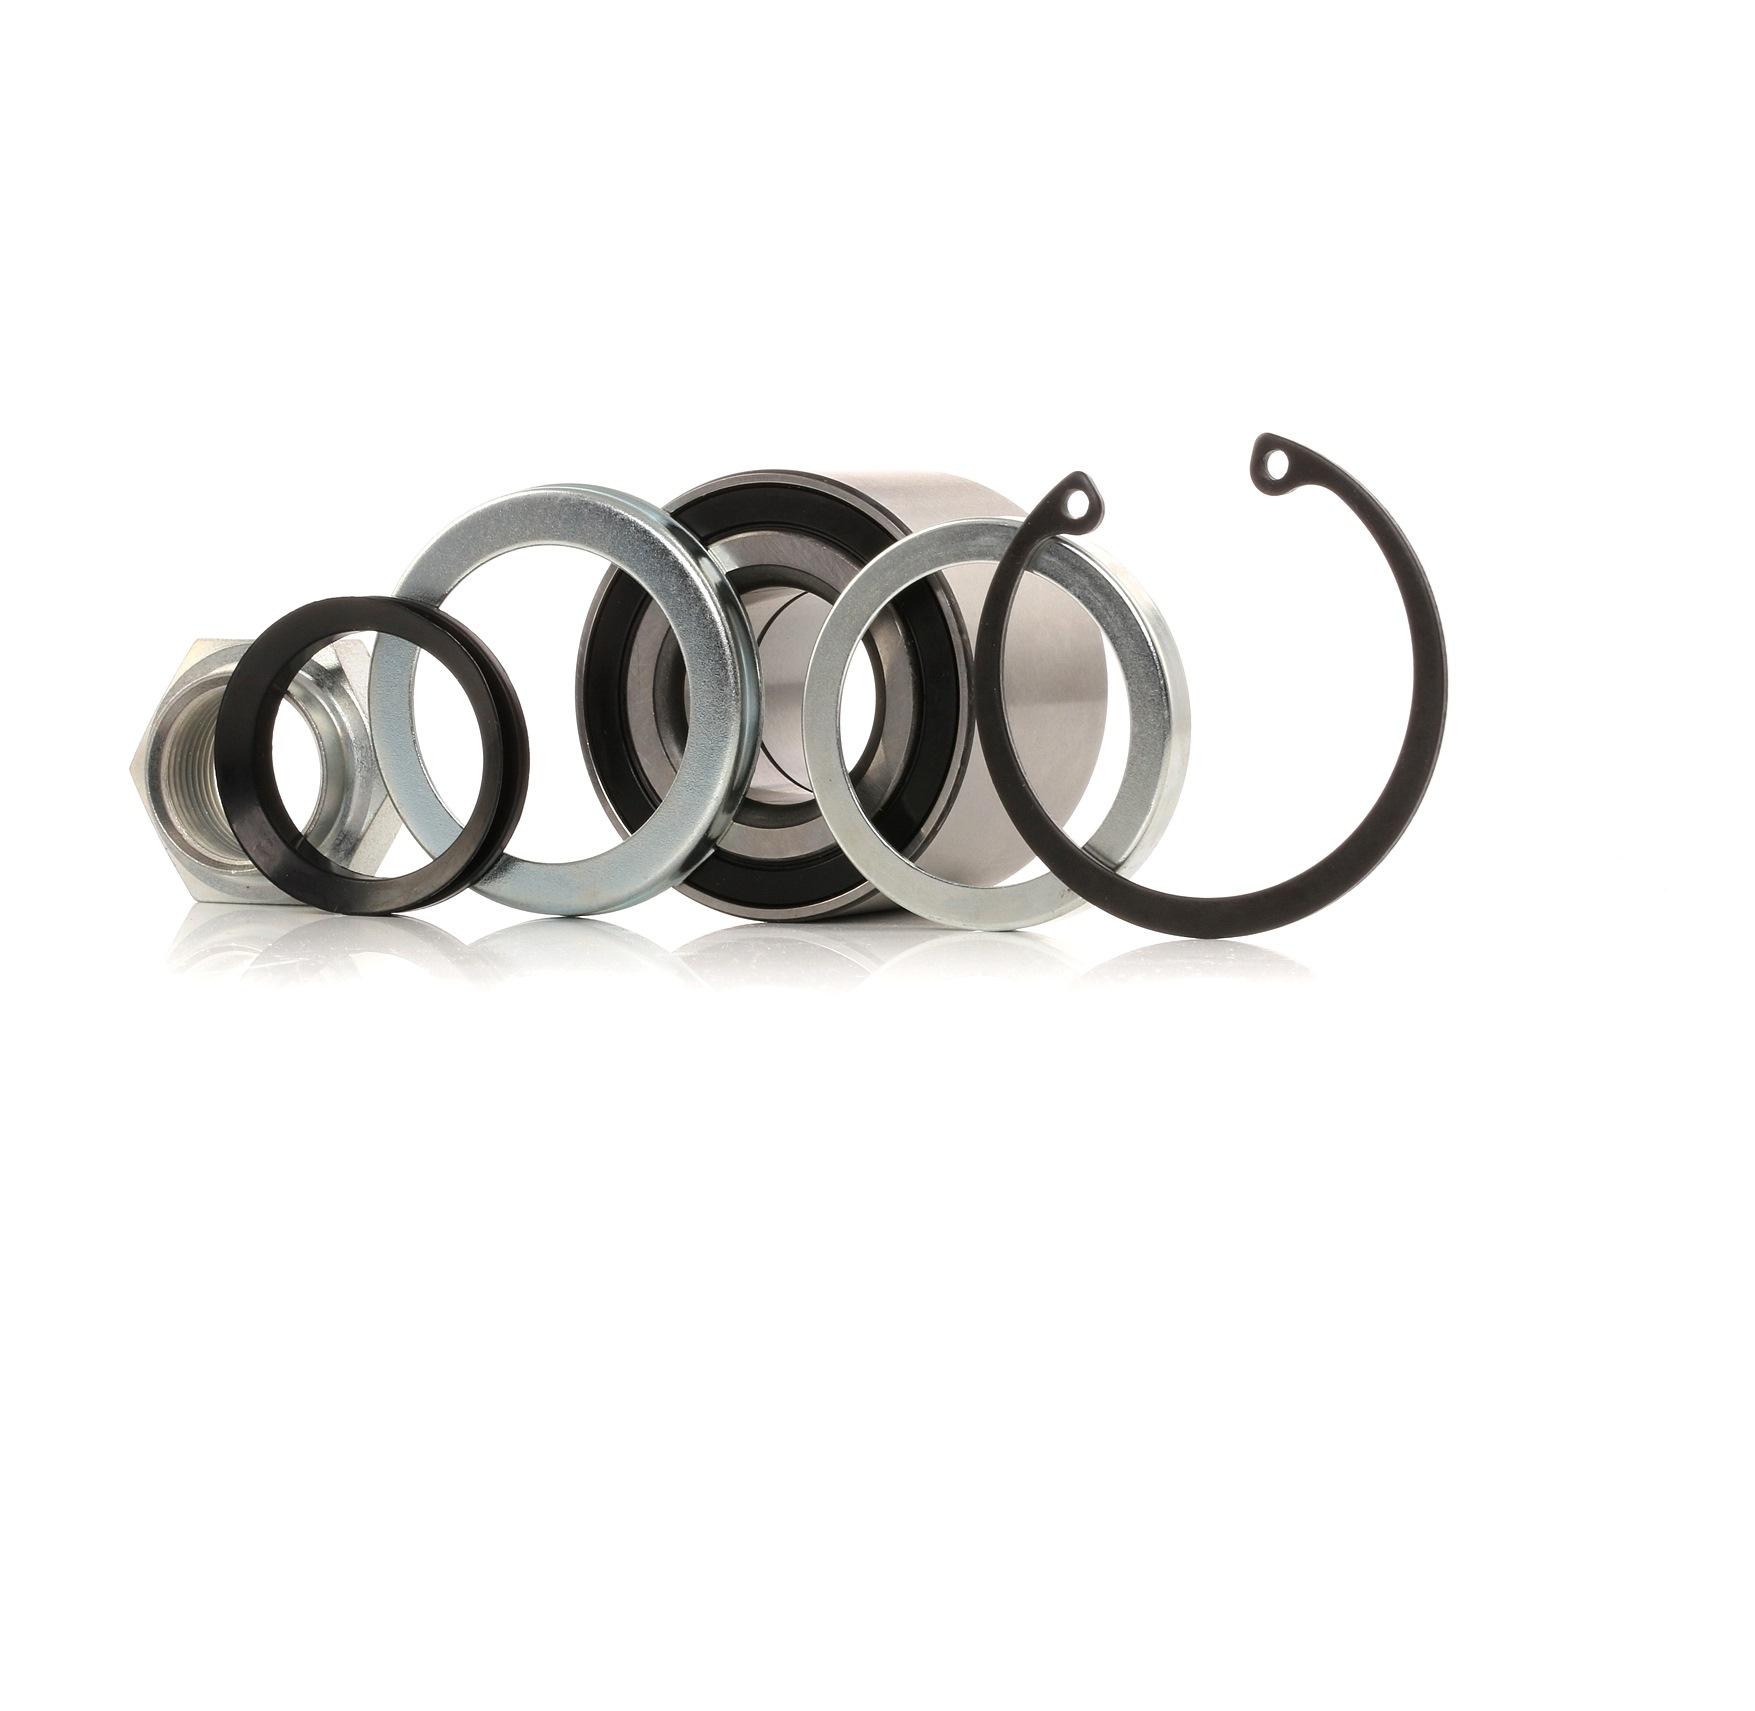 Radlager & Radlagersatz RIDEX 654W0035 Bewertung